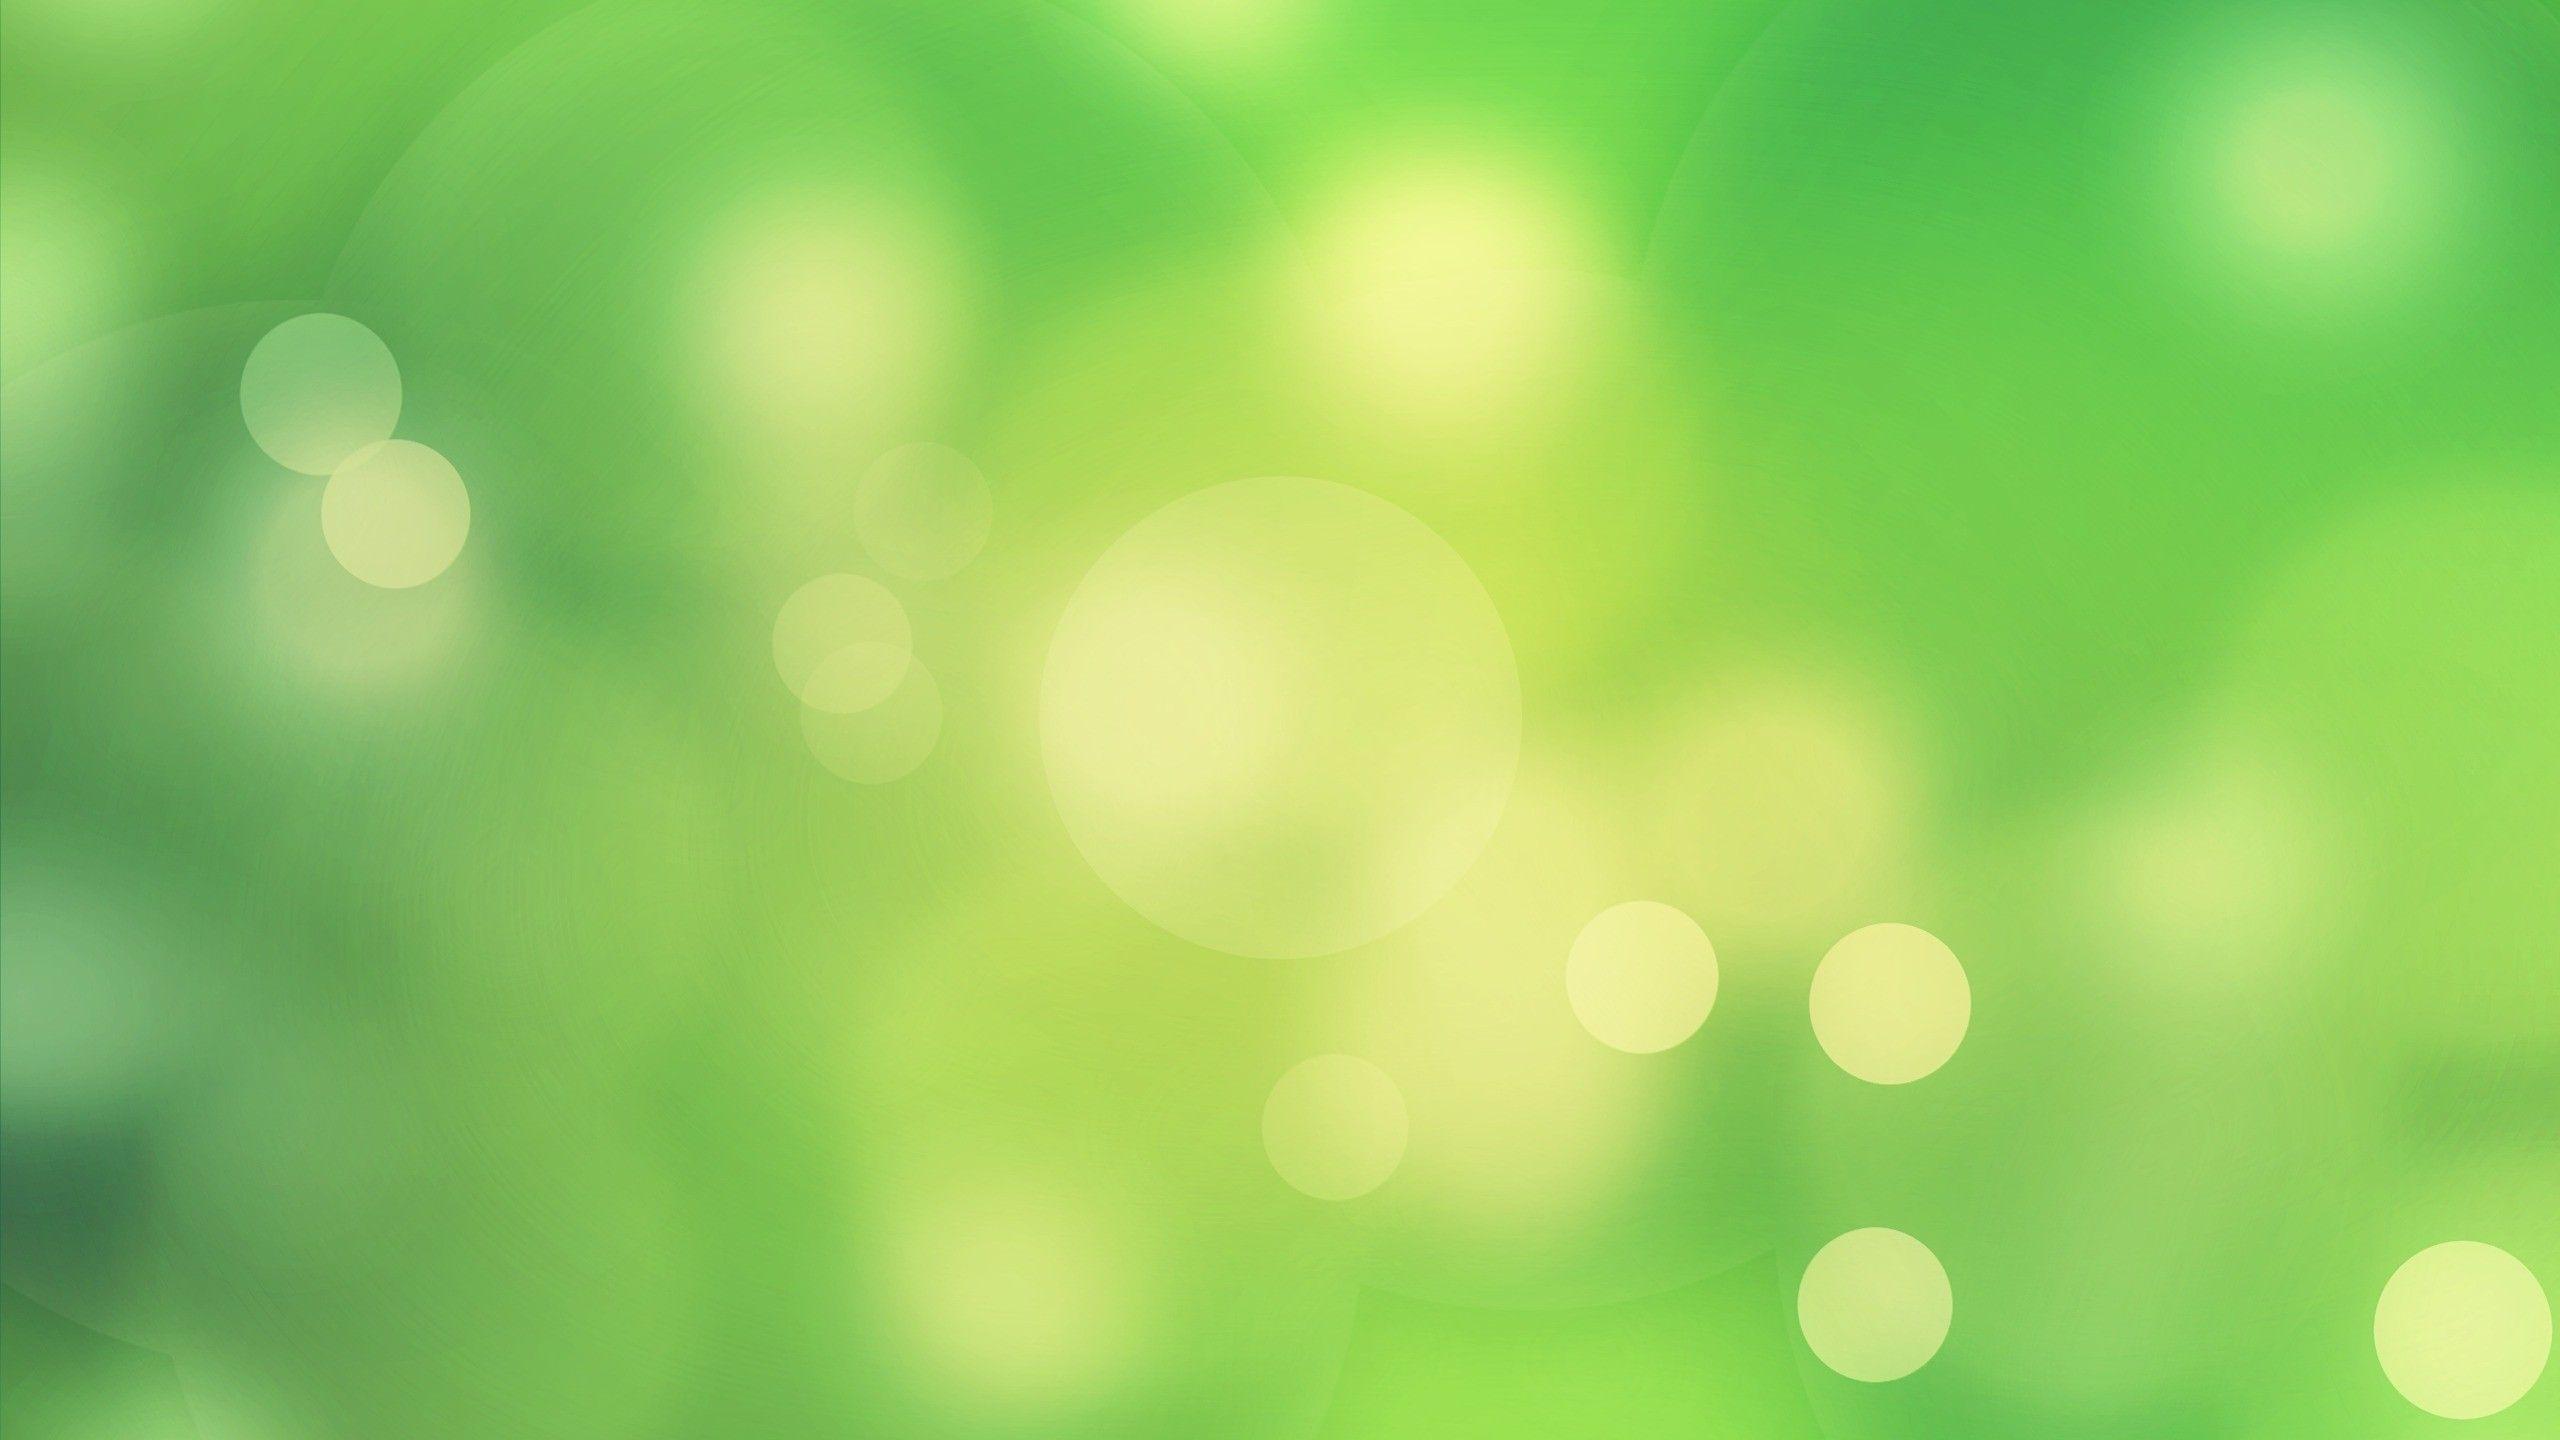 Light Green Wallpapers